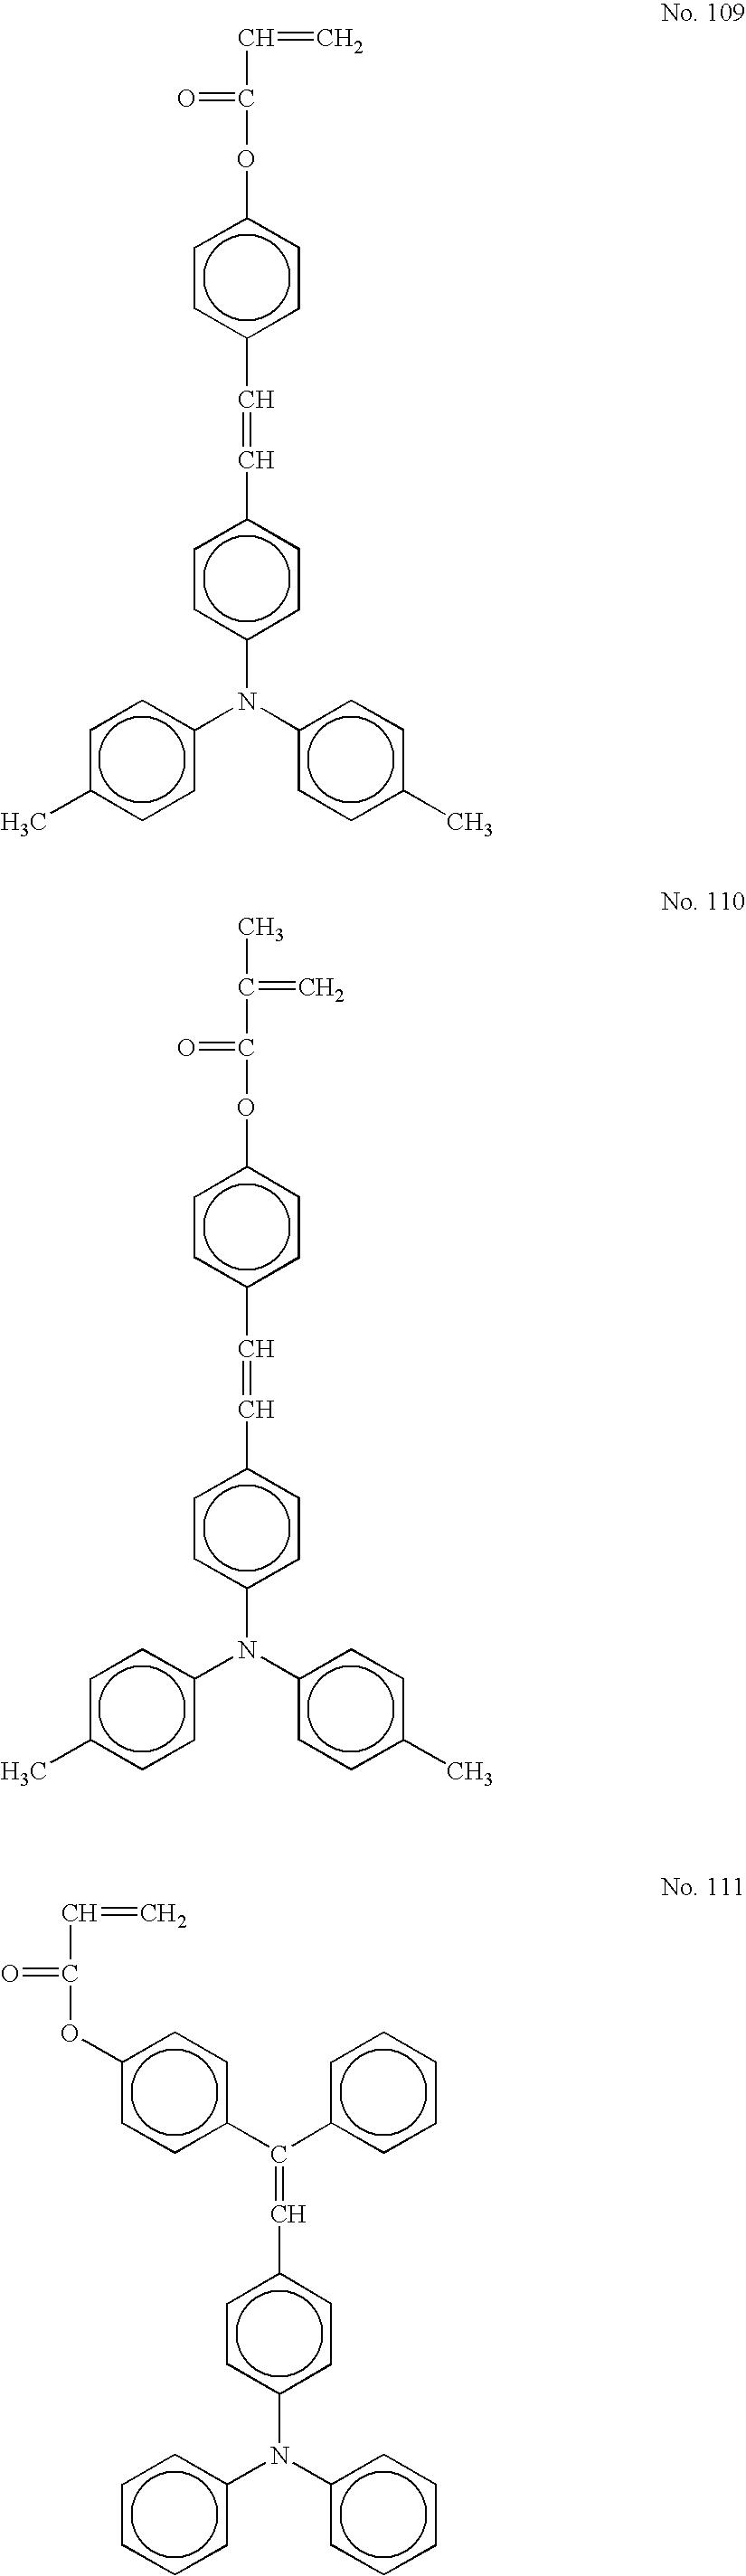 Figure US20050175911A1-20050811-C00039